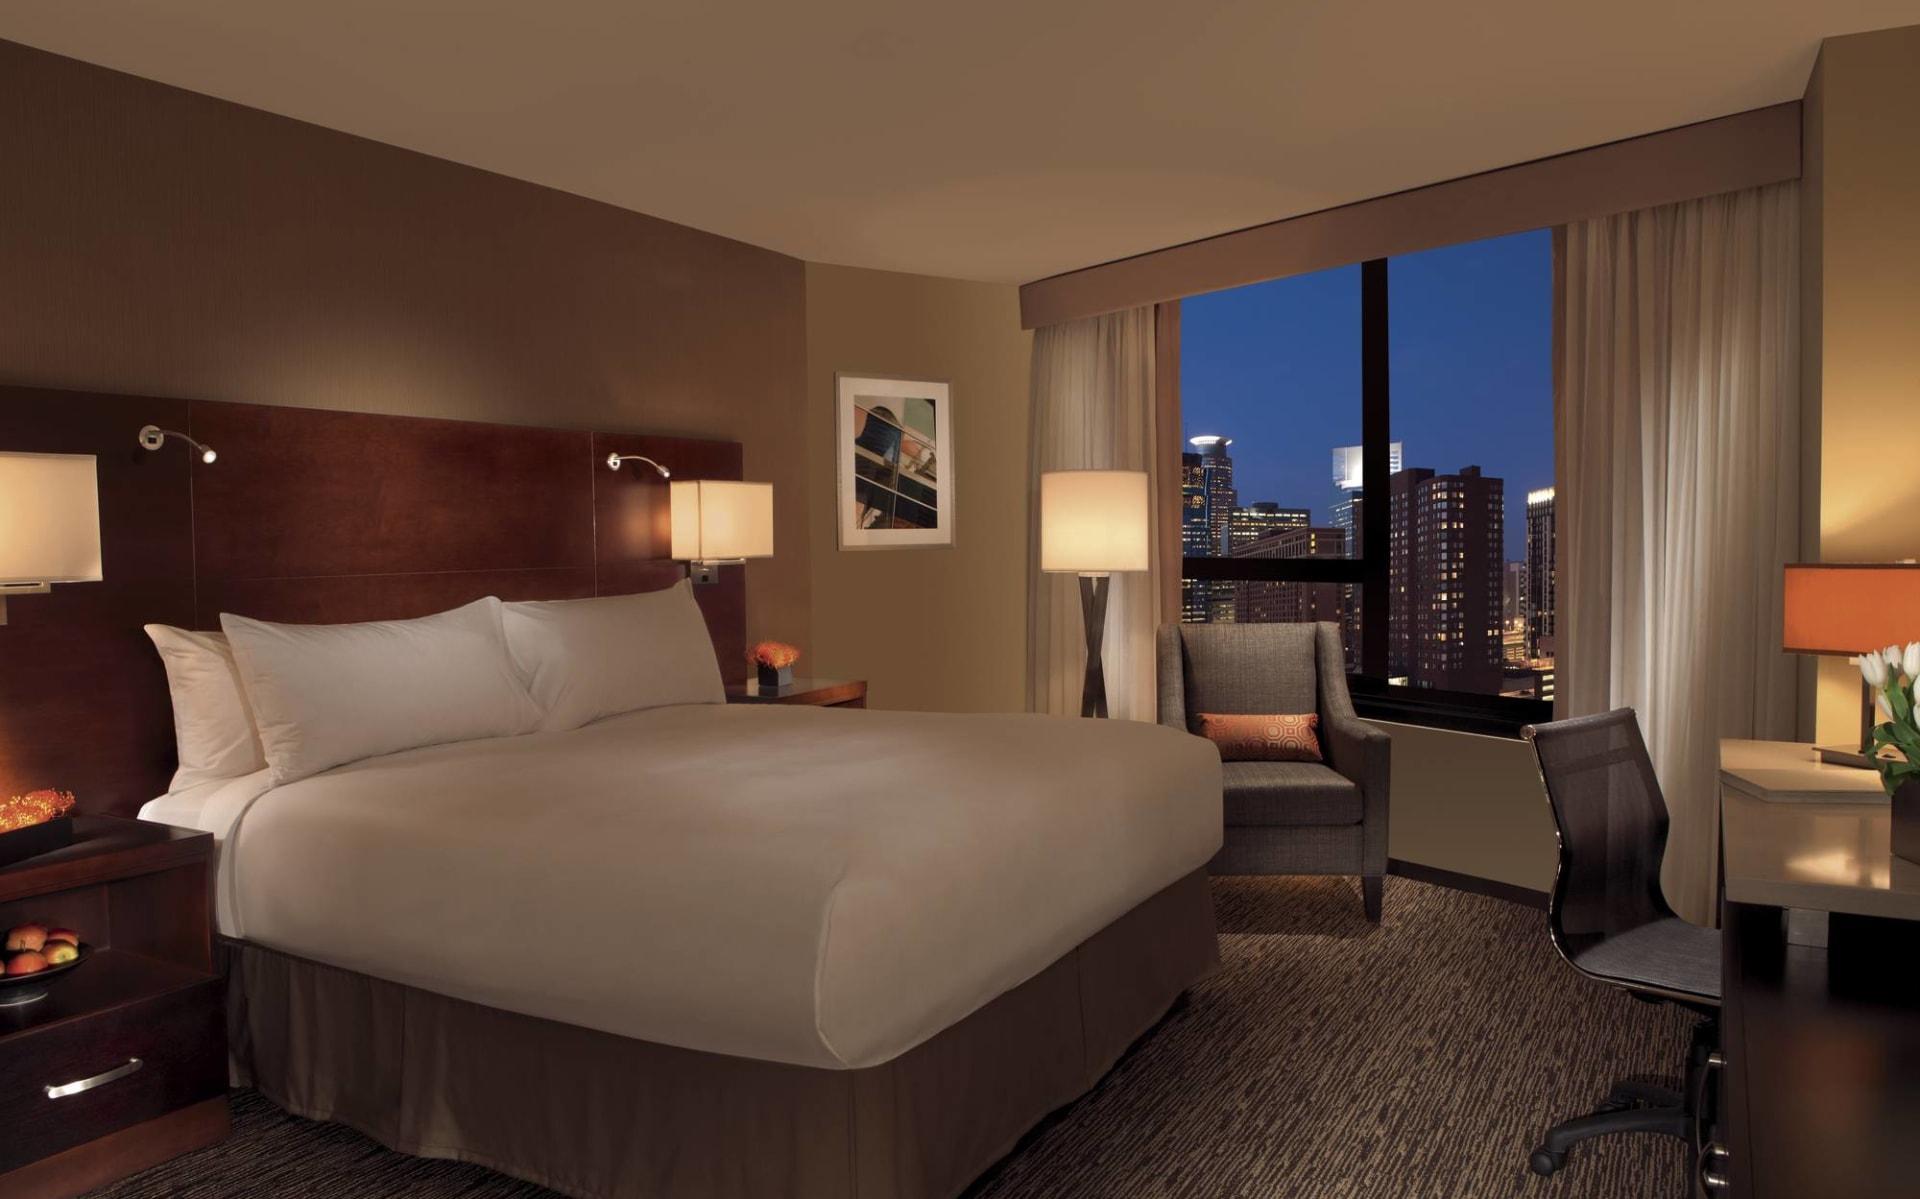 Millenium Hotel in Minneapolis: Millenium Hotel - Doppelzimmer